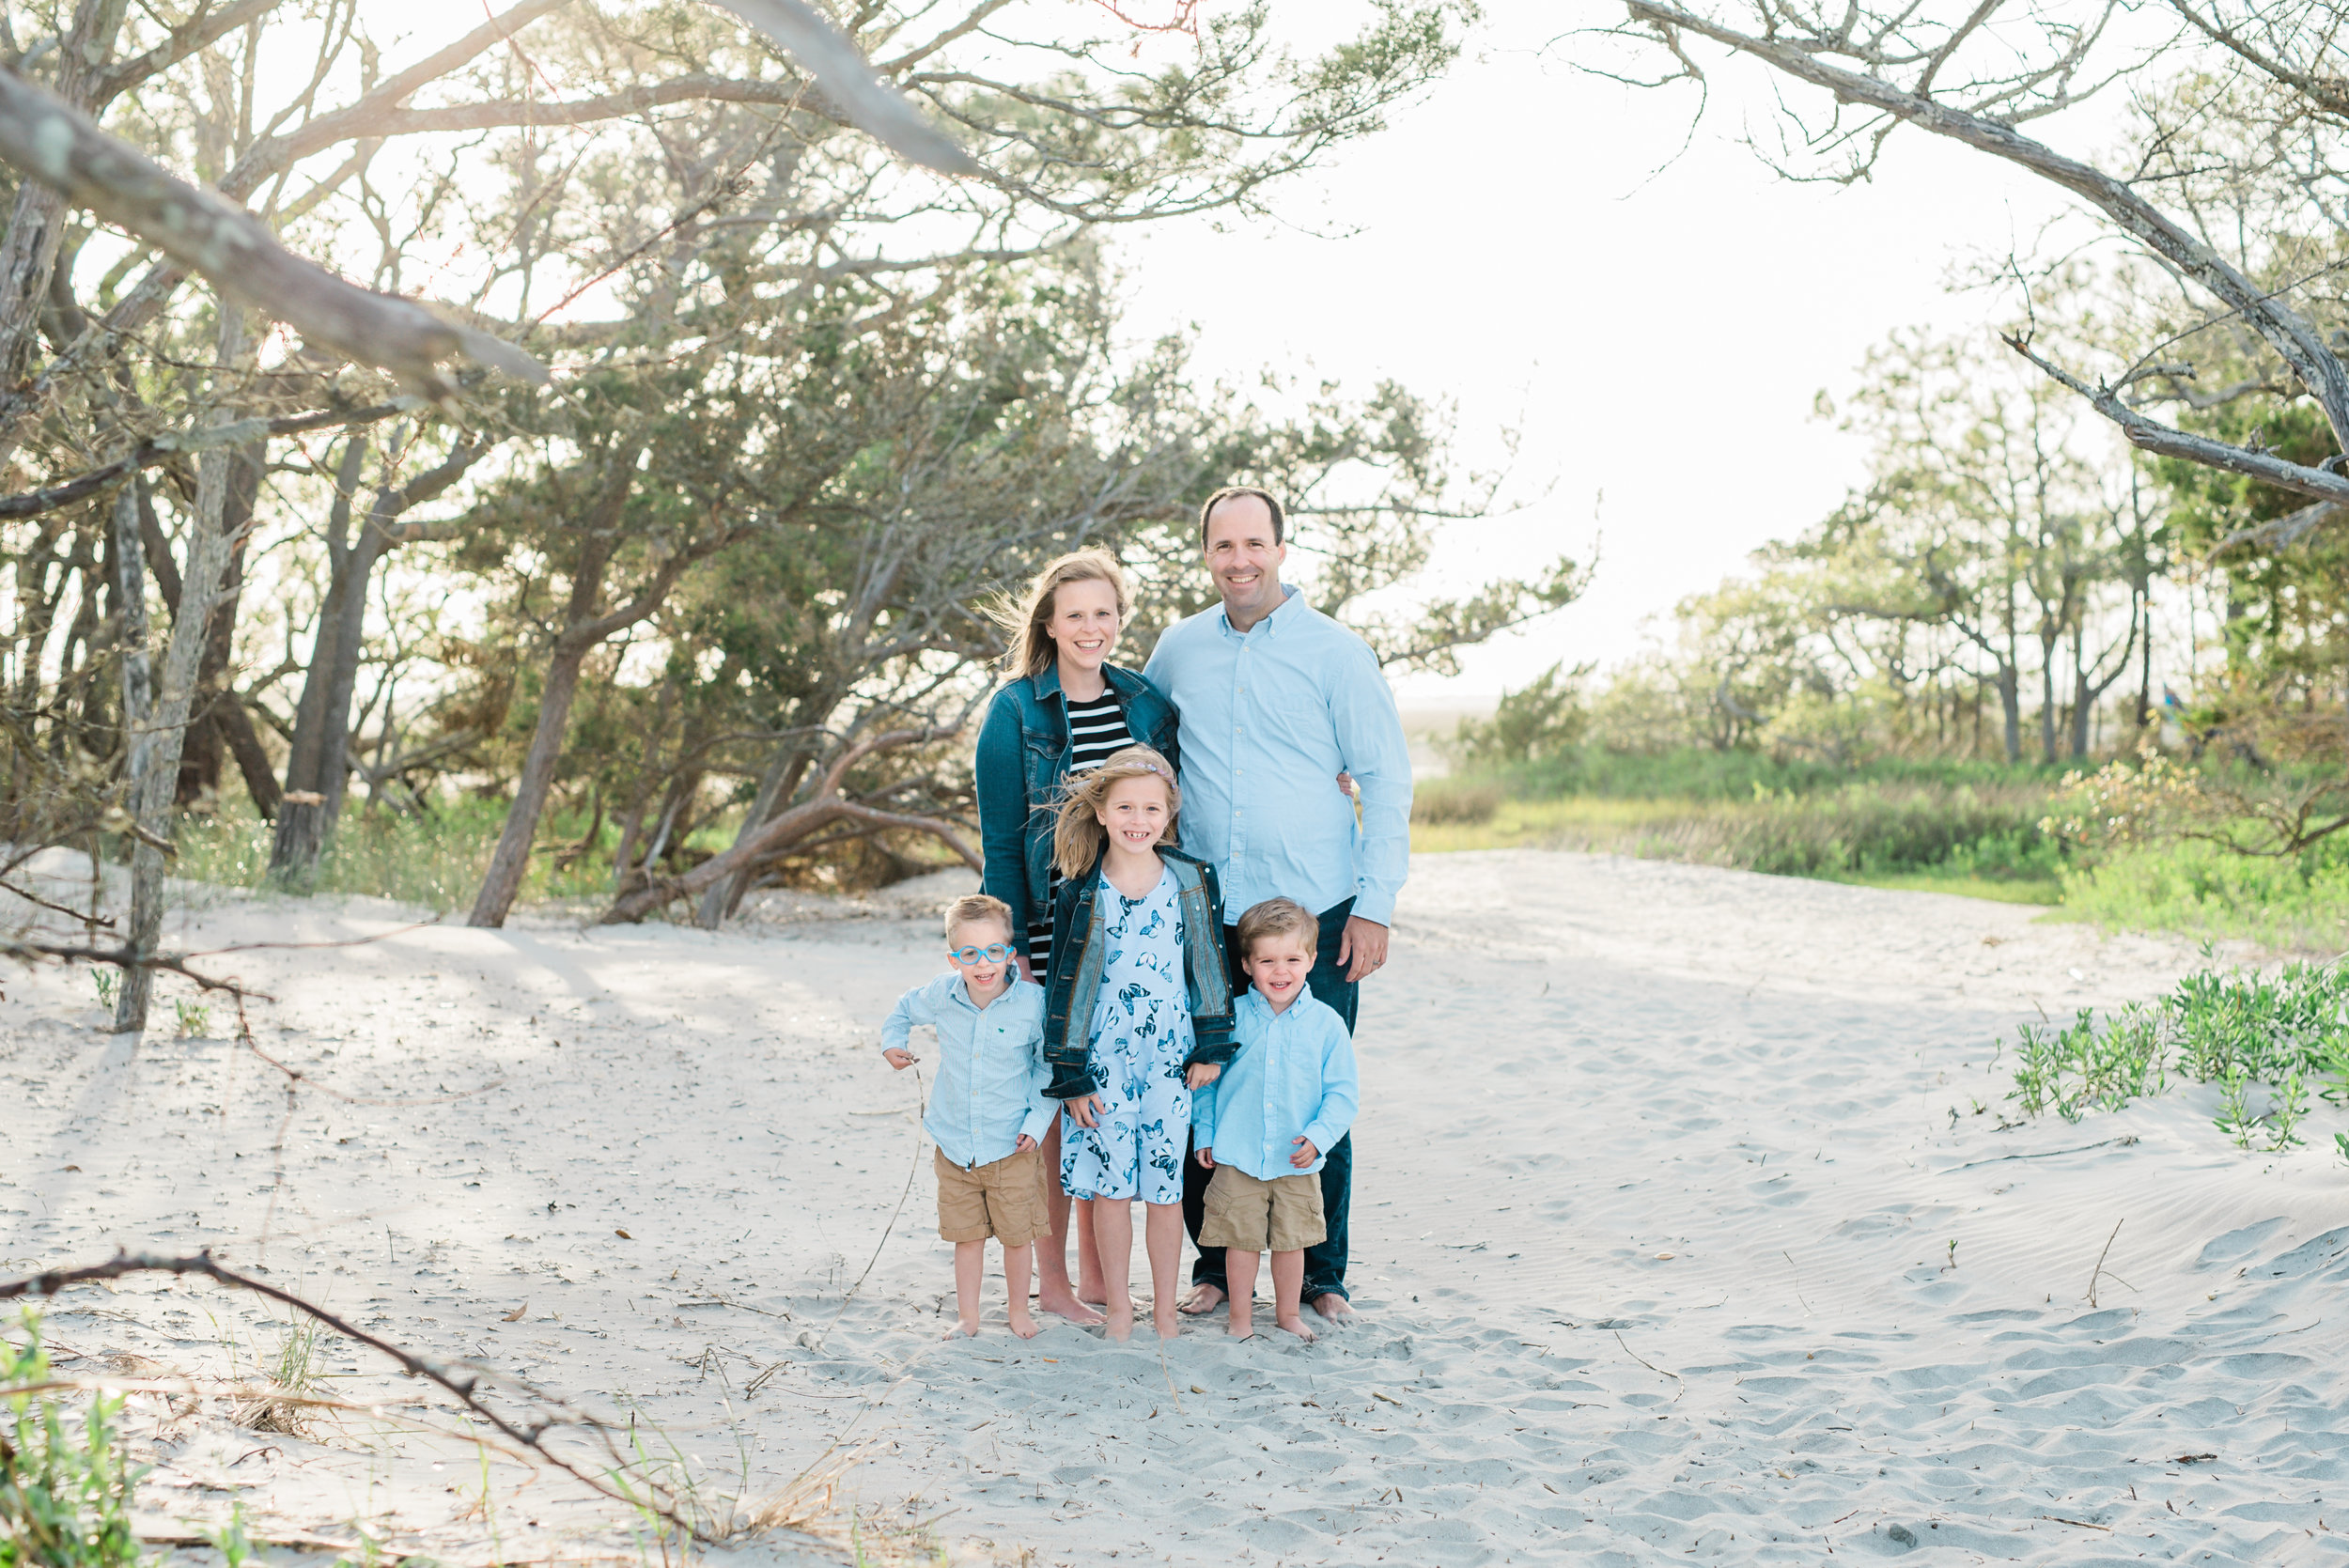 Folly-Beach-Family-Photographer-Following-Seas-Photography-7872.jpg